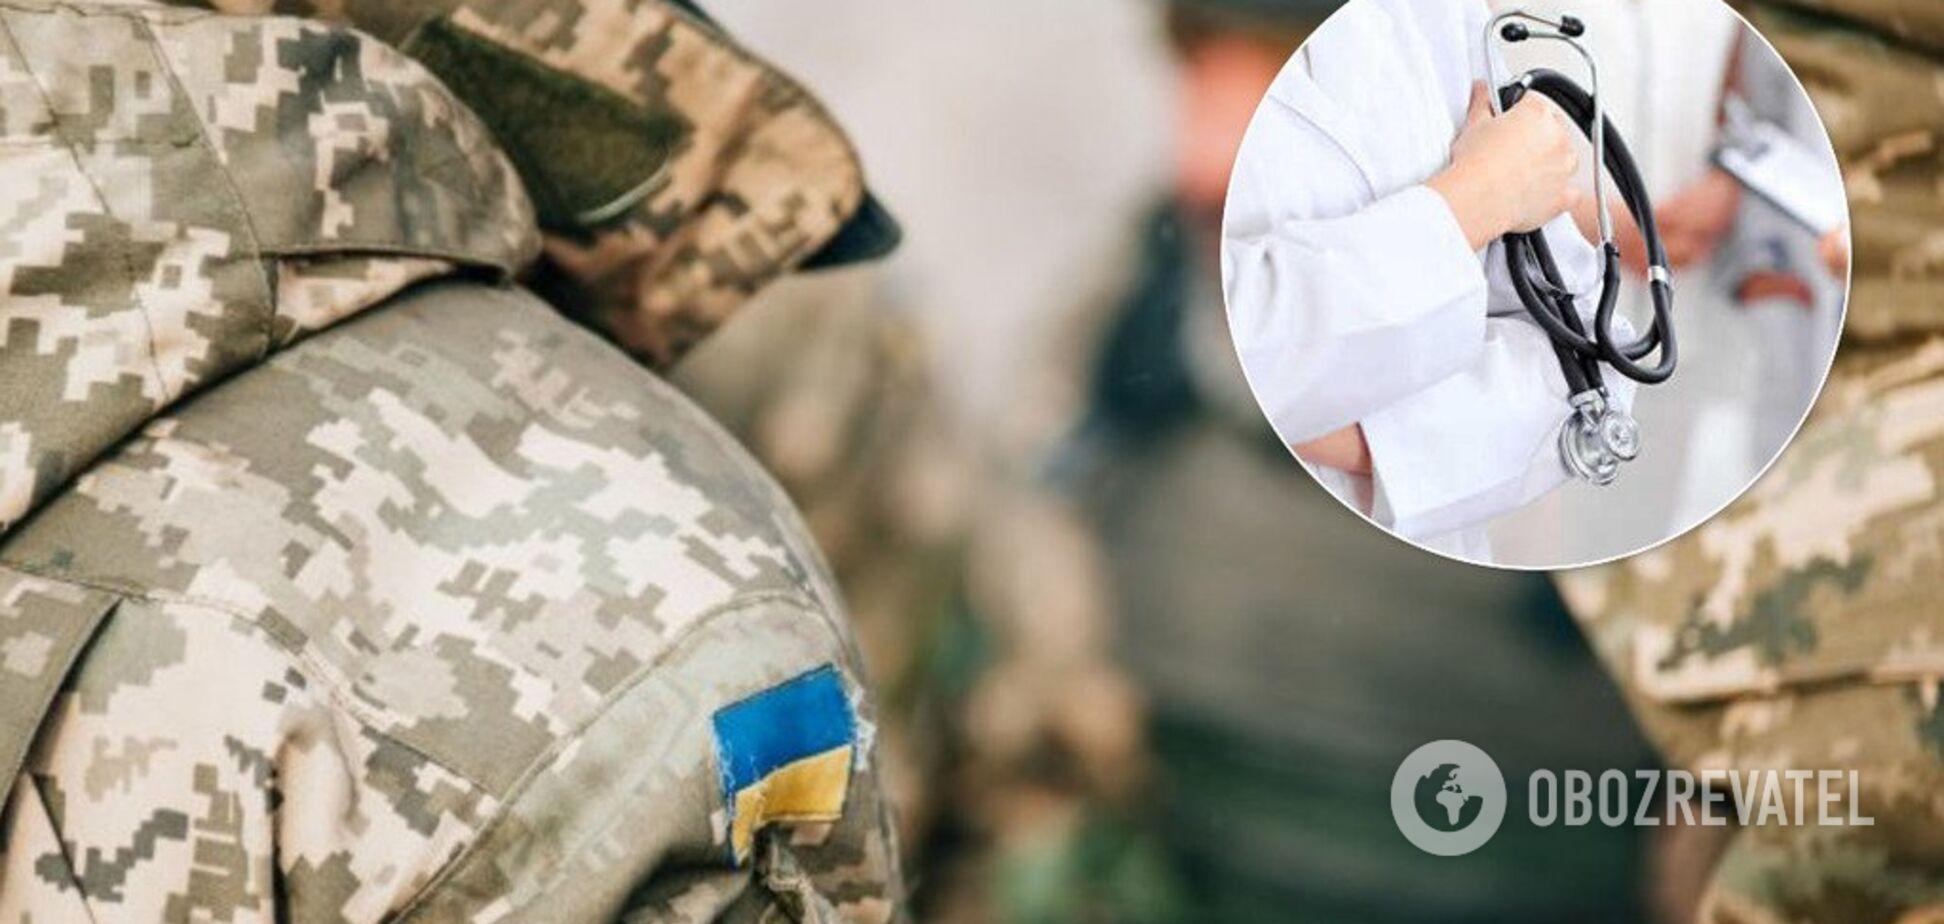 У військовому госпіталі Києва помер травмований за дивних обставин солдат